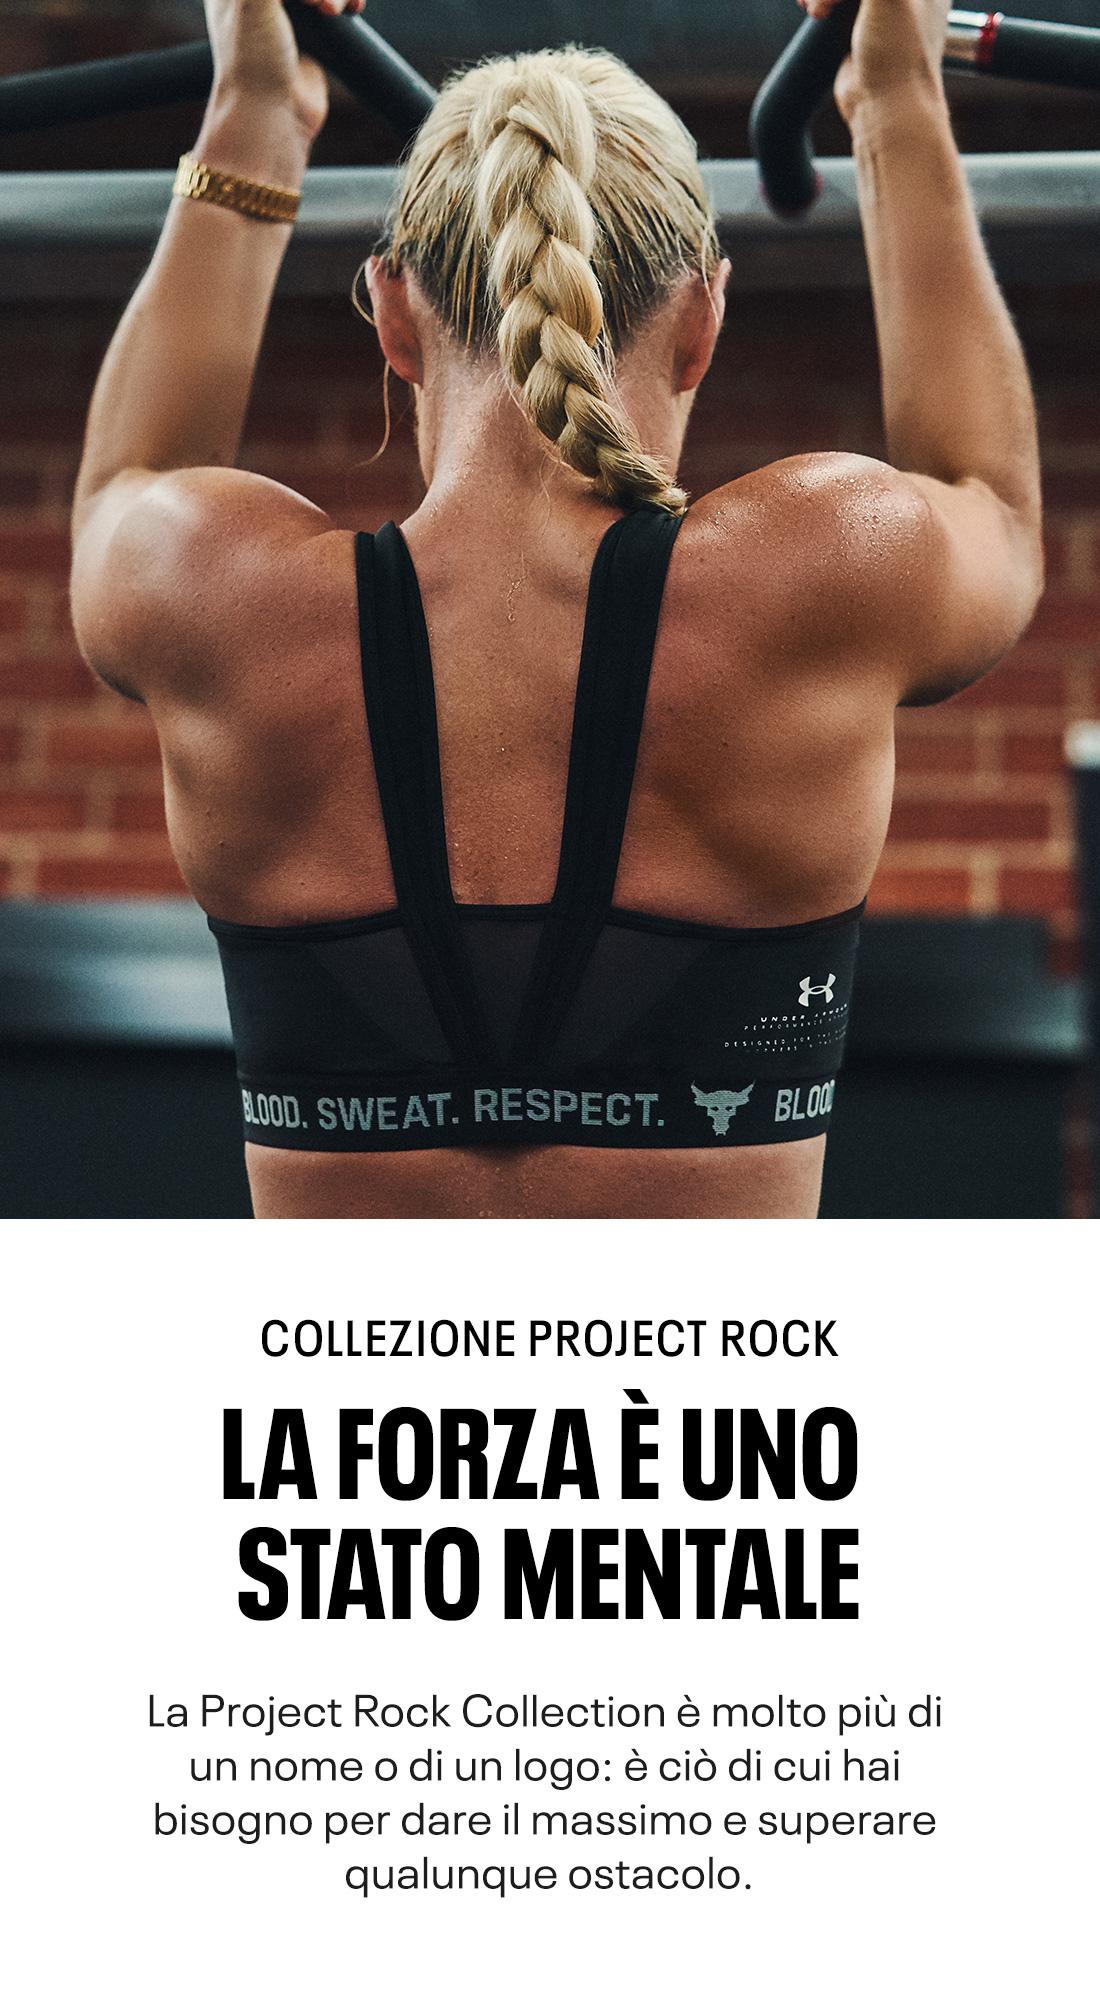 Collezione Project Rock - La Forza È Uno Stato Mentale